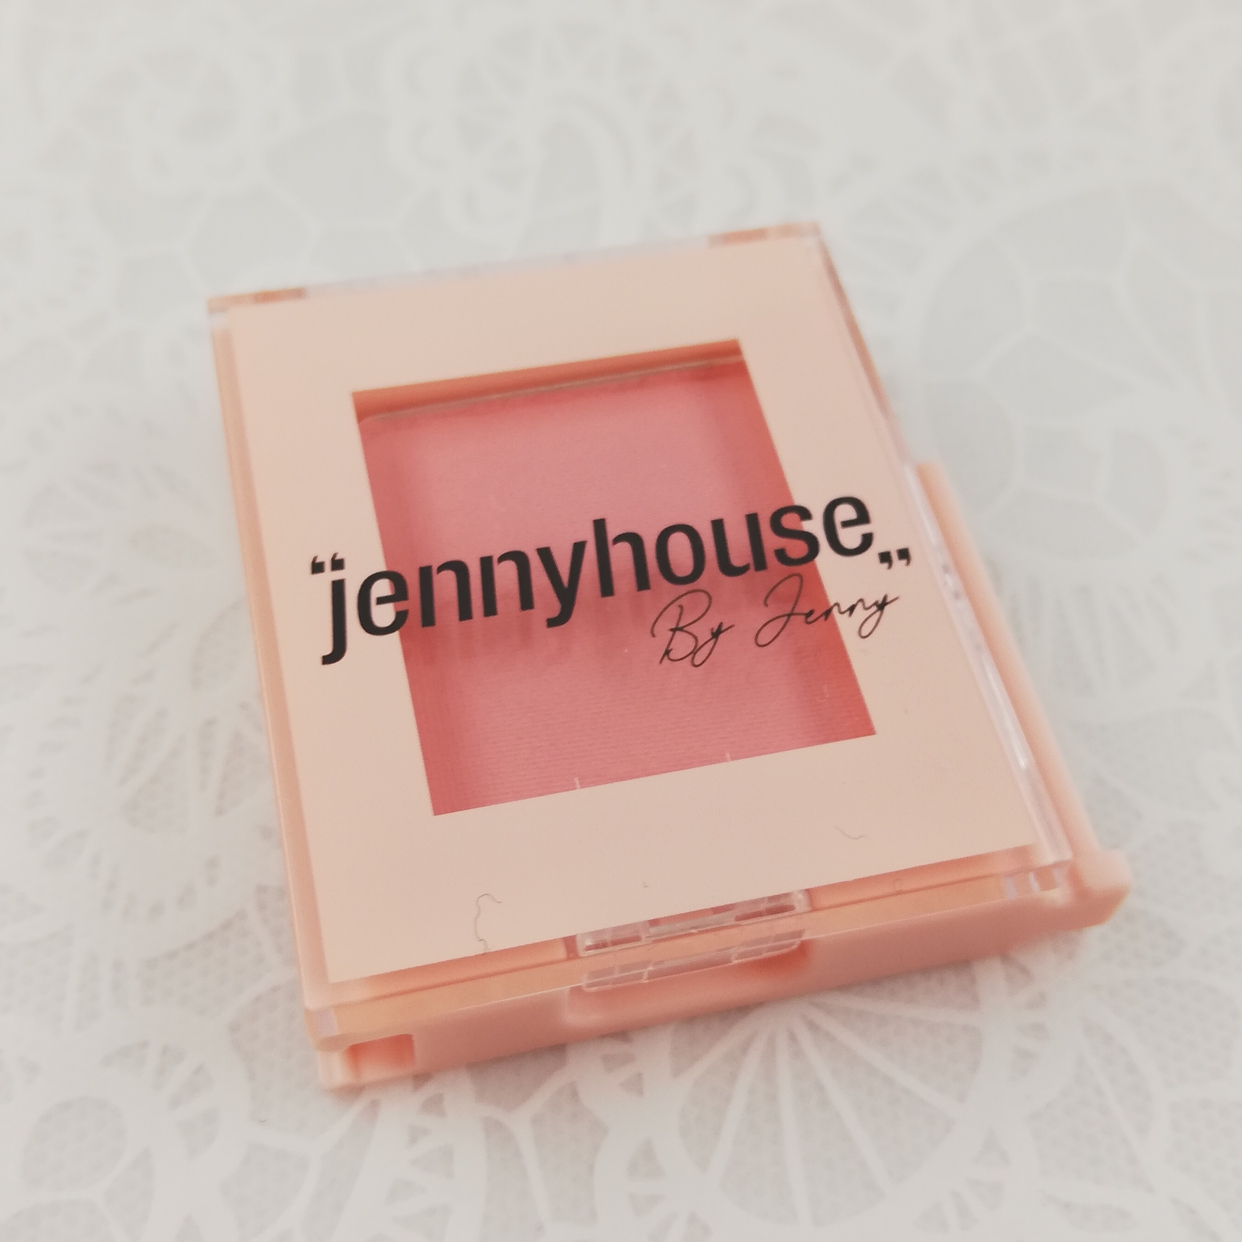 jennyhouse(ジェニーハウス)AIR FIT ARTIST SHADOWを使ったりか✨さんのクチコミ画像